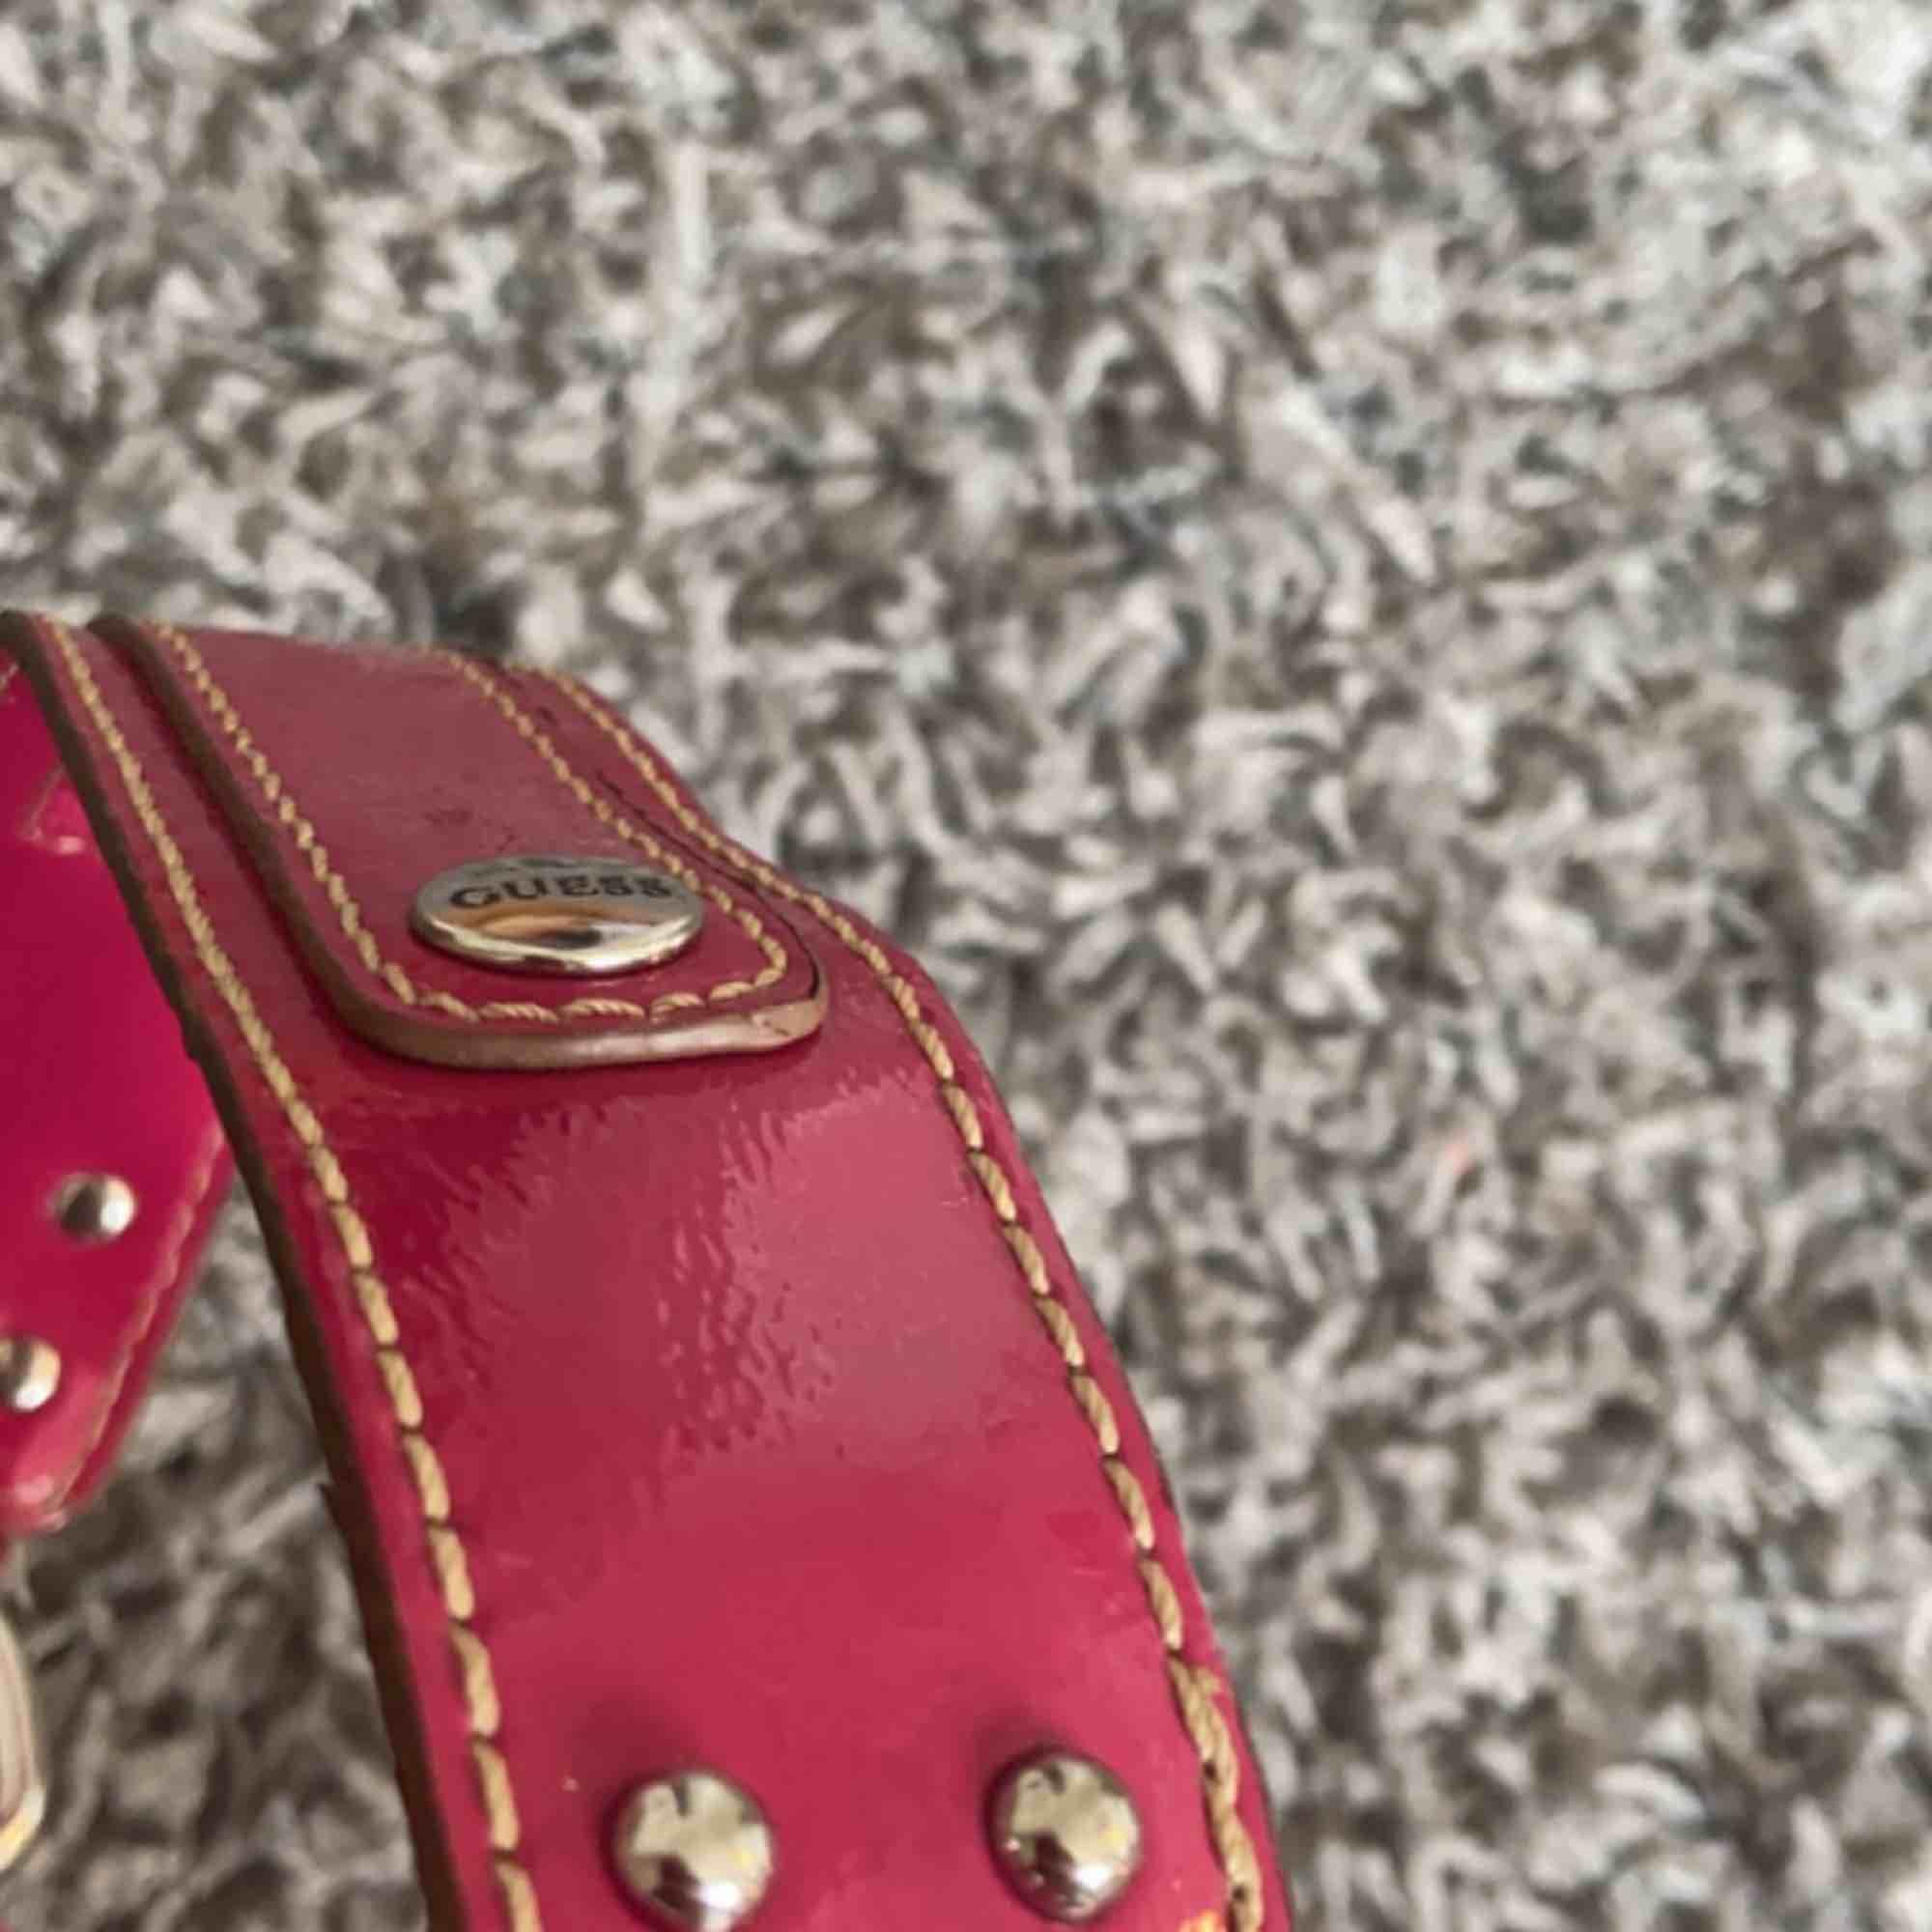 Skitcool liten handväska. Köpt vintage för ca 400kr, inte säker om den är äkta. Bra material! Så synd att sälja denna egentligen men får inte användning för den😢 SÅ FIN färg!!!. Väskor.